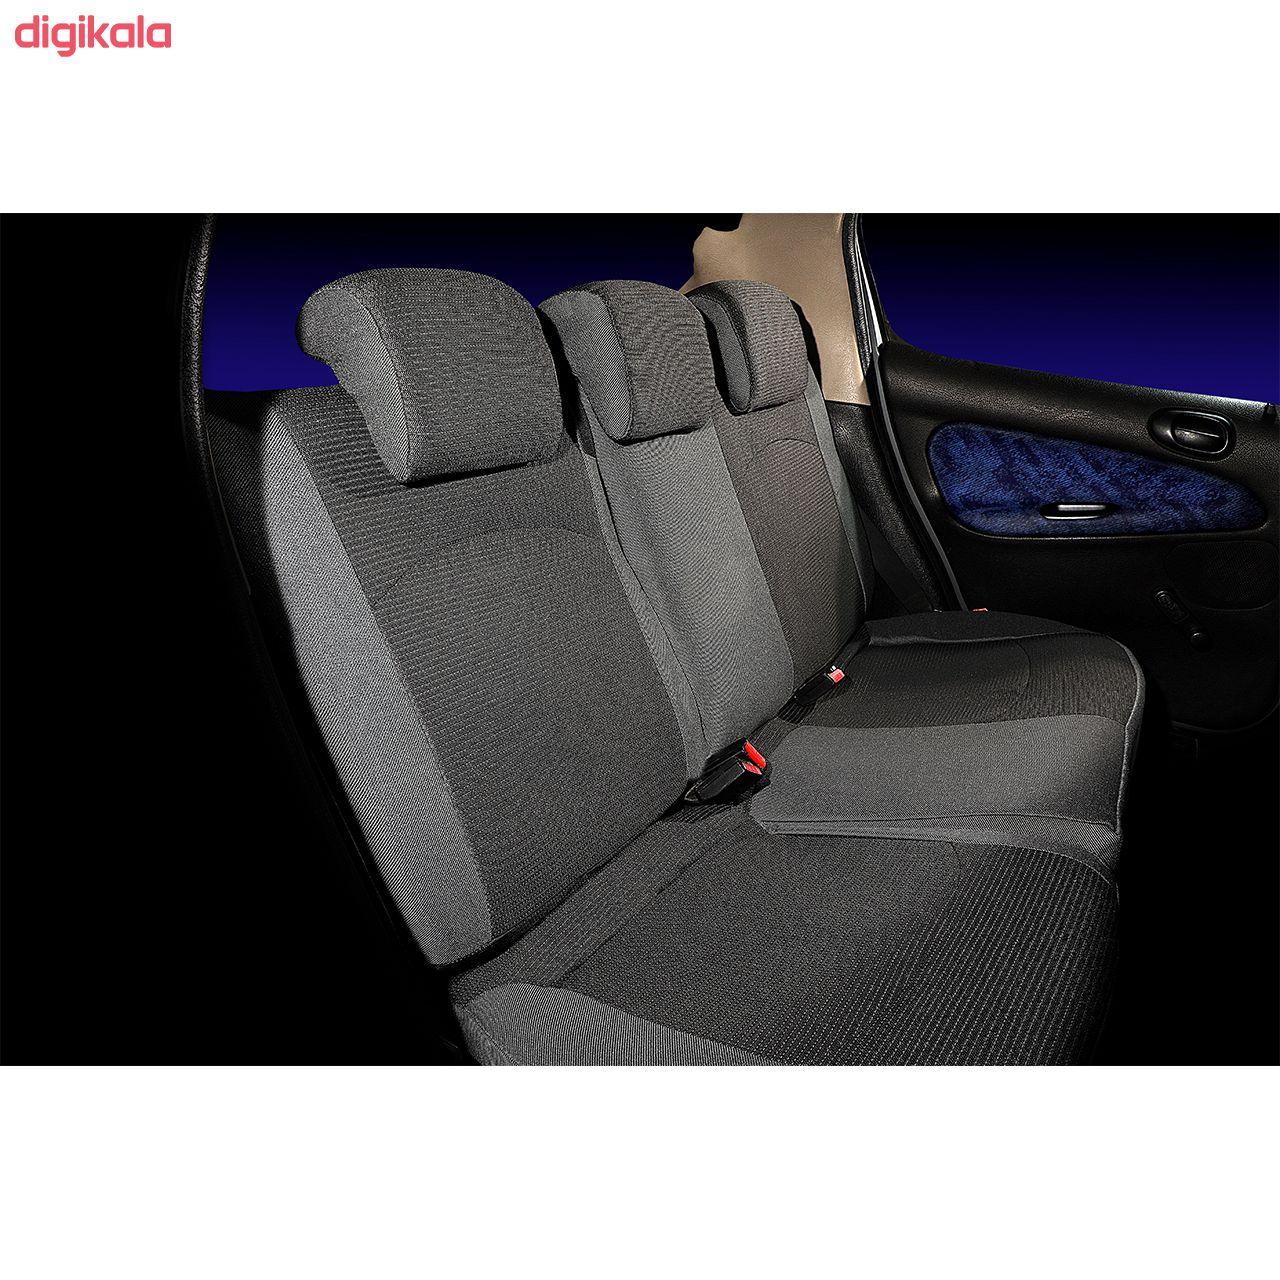 روکش صندلی خودرو هایکو طرح پانیذ مناسب برای پژو 206 main 1 11